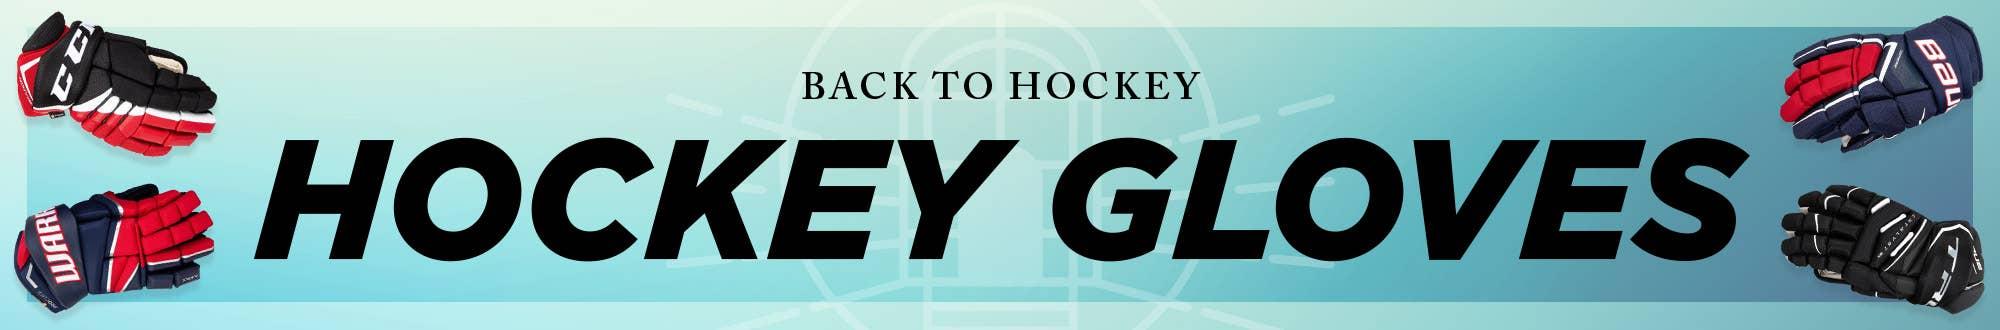 Back to Hockey: Hockey Gloves